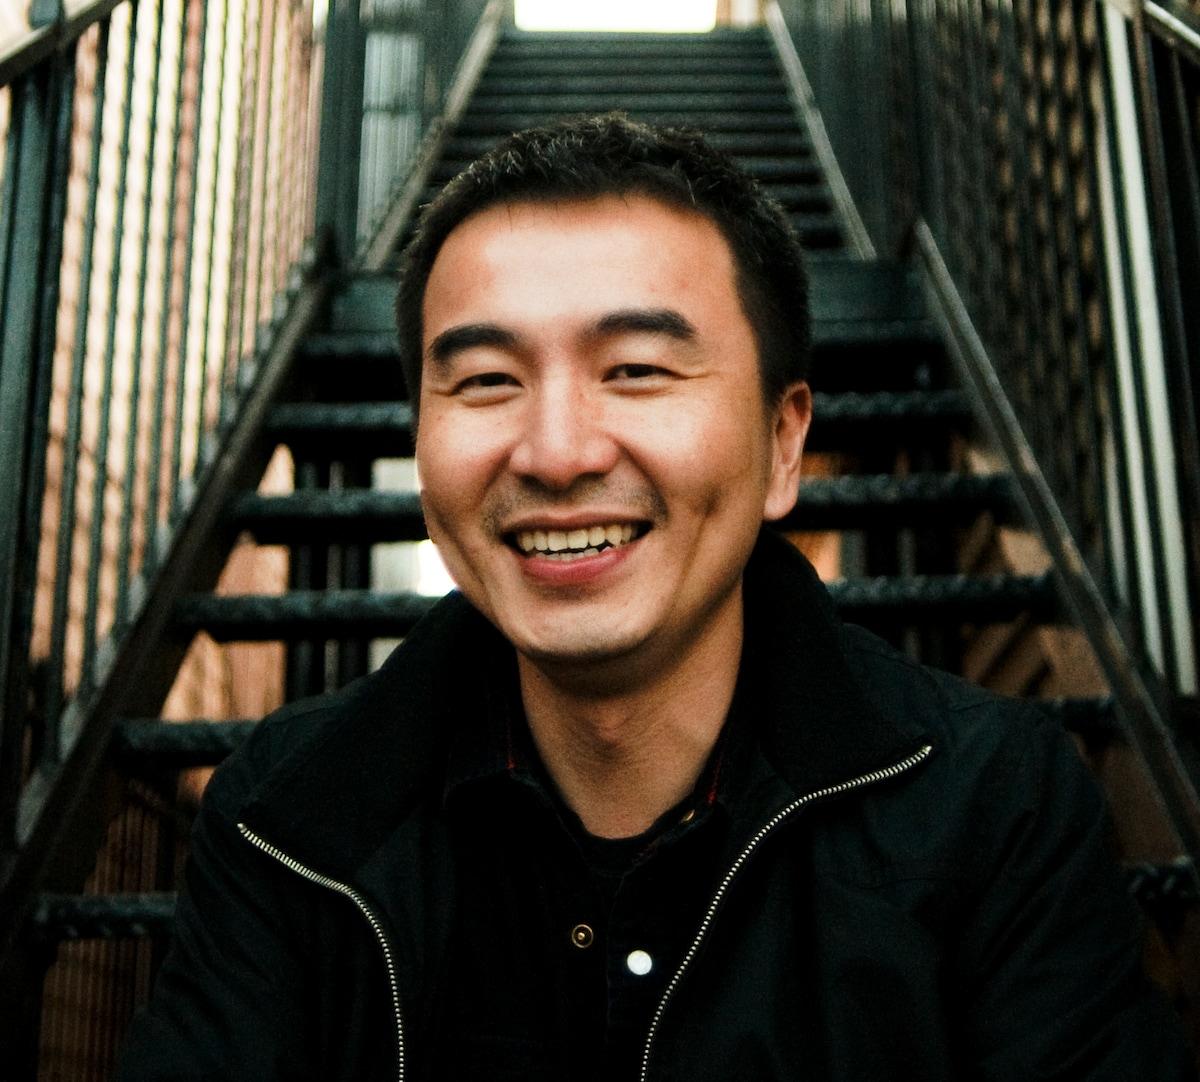 Leo From San Francisco, CA